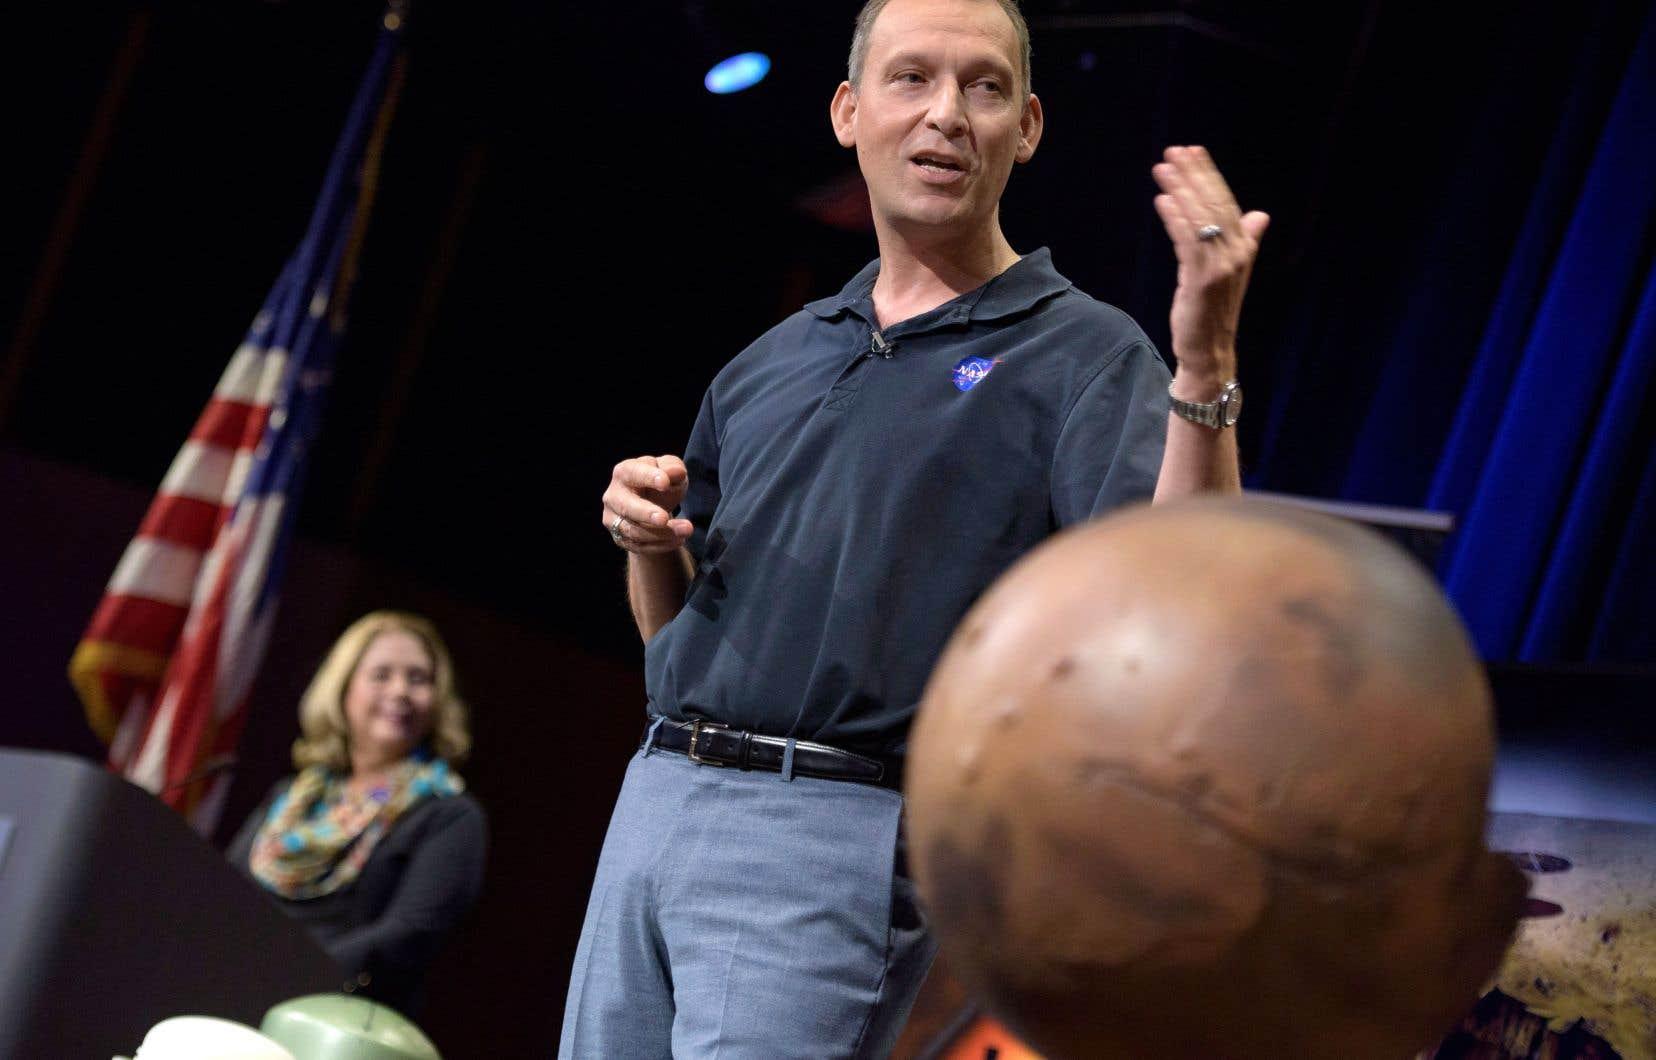 «Avec Mars, rien n'est jamais acquis. Mars est difficile», a rappelé Thomas Zurbuchen, chef du directorat scientifique de la NASA.